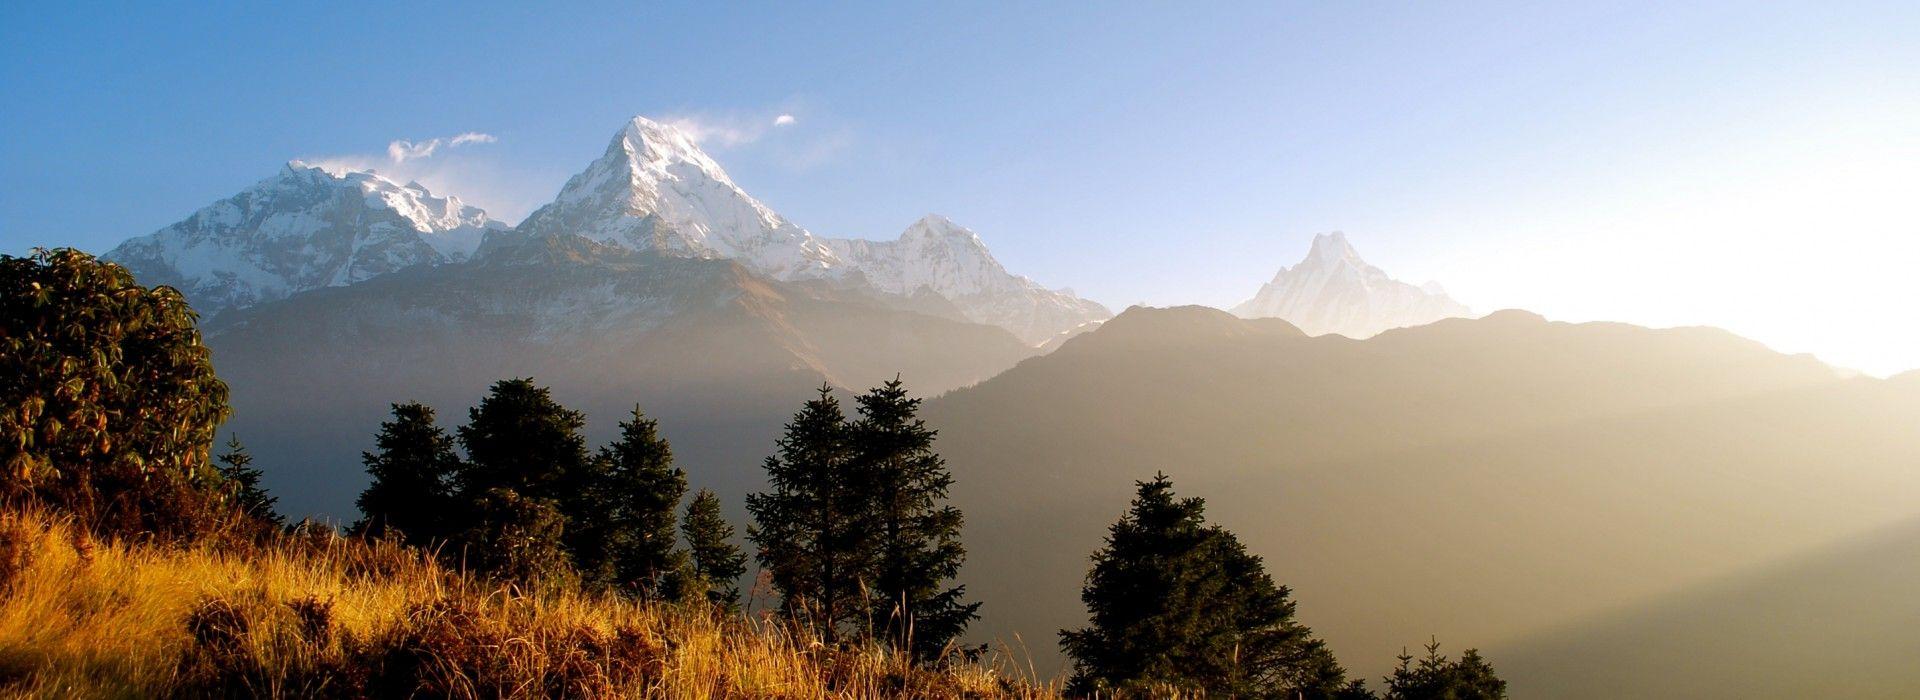 Spiritual or religious tours in Nepal